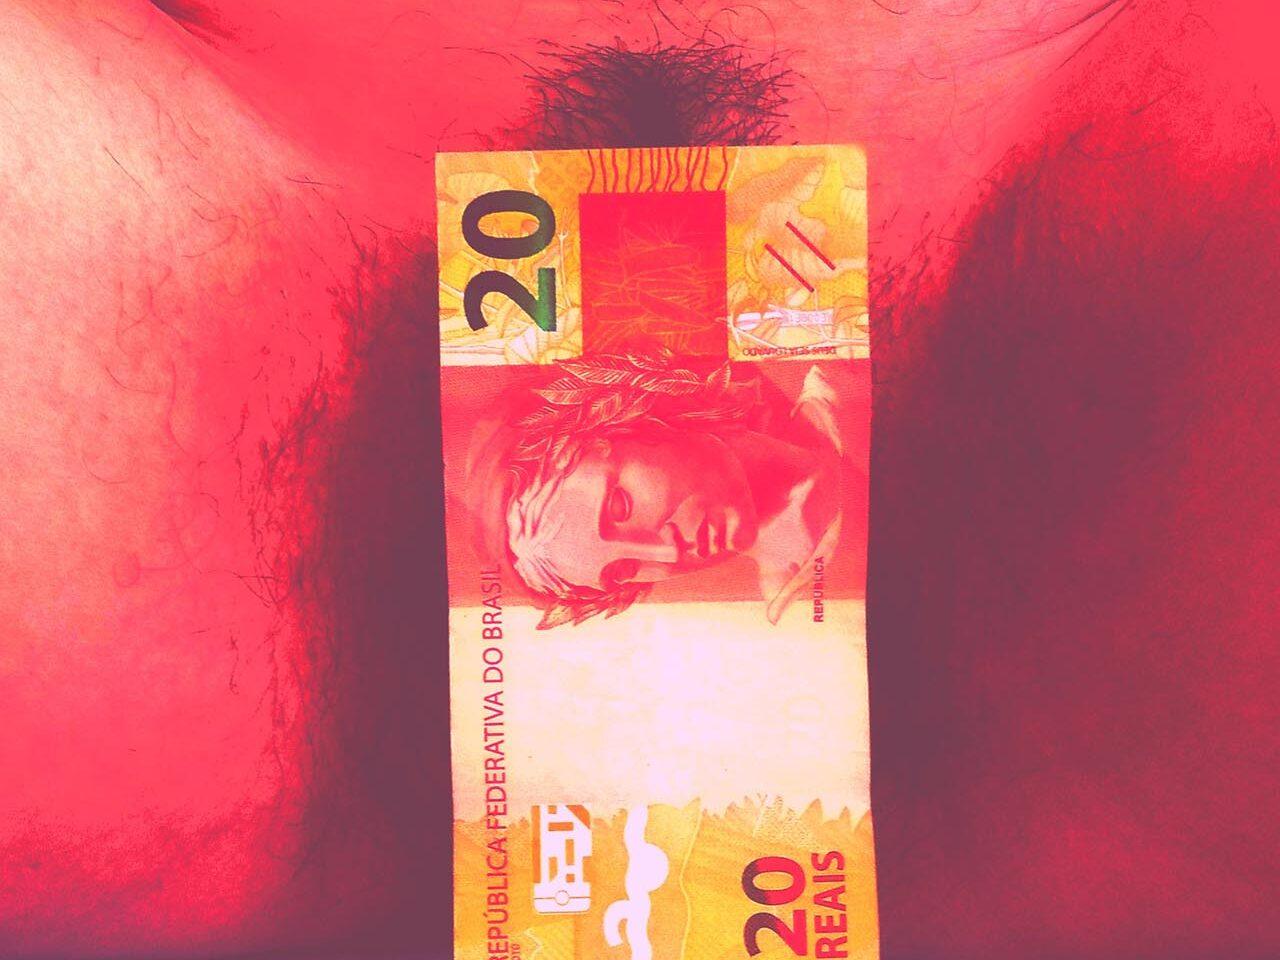 Flávia Naves – O capital é capilar - Nota de vinte reais de fronte a uma vagina. Foto com tom avermelhado